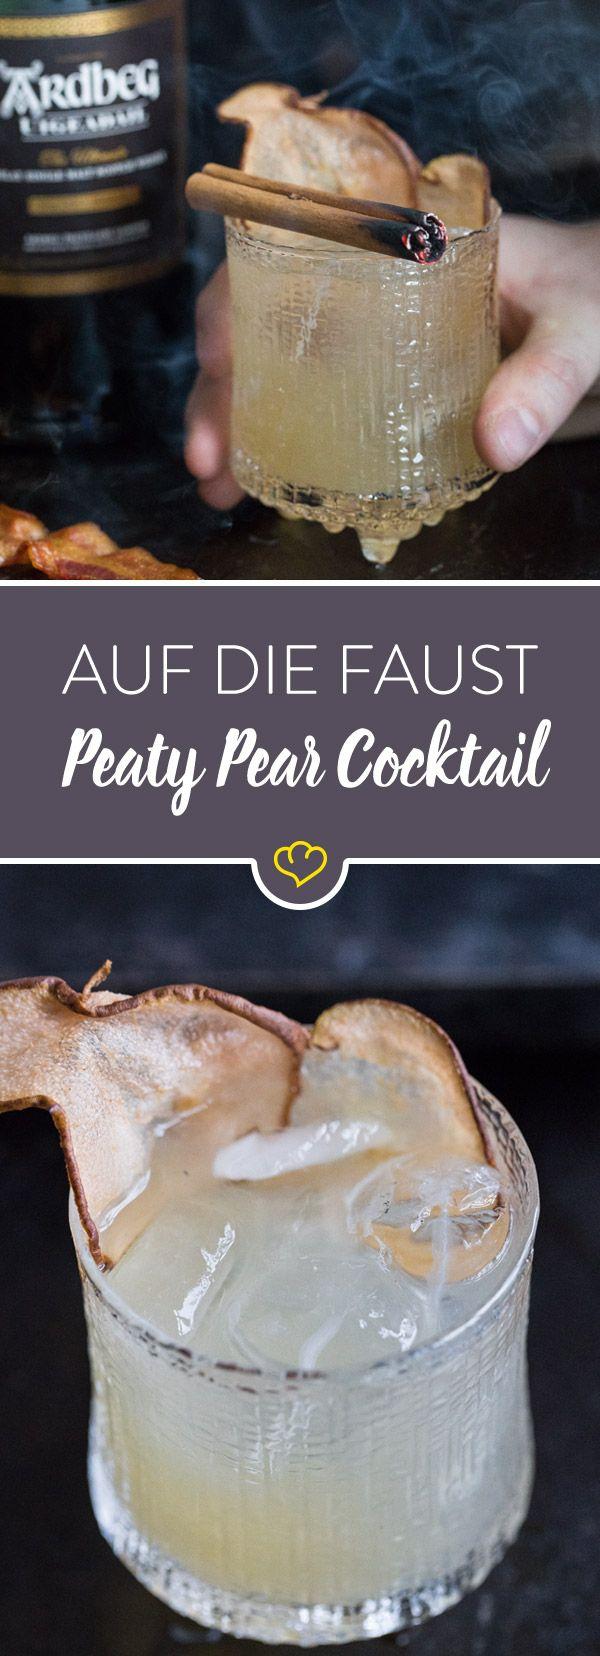 Du hast Lust auf einen etwas anderen Herbst Cocktail? Dann mixe dir einen Peaty Pear mit Ardbeg Uigeadail, Birne und Bacon!